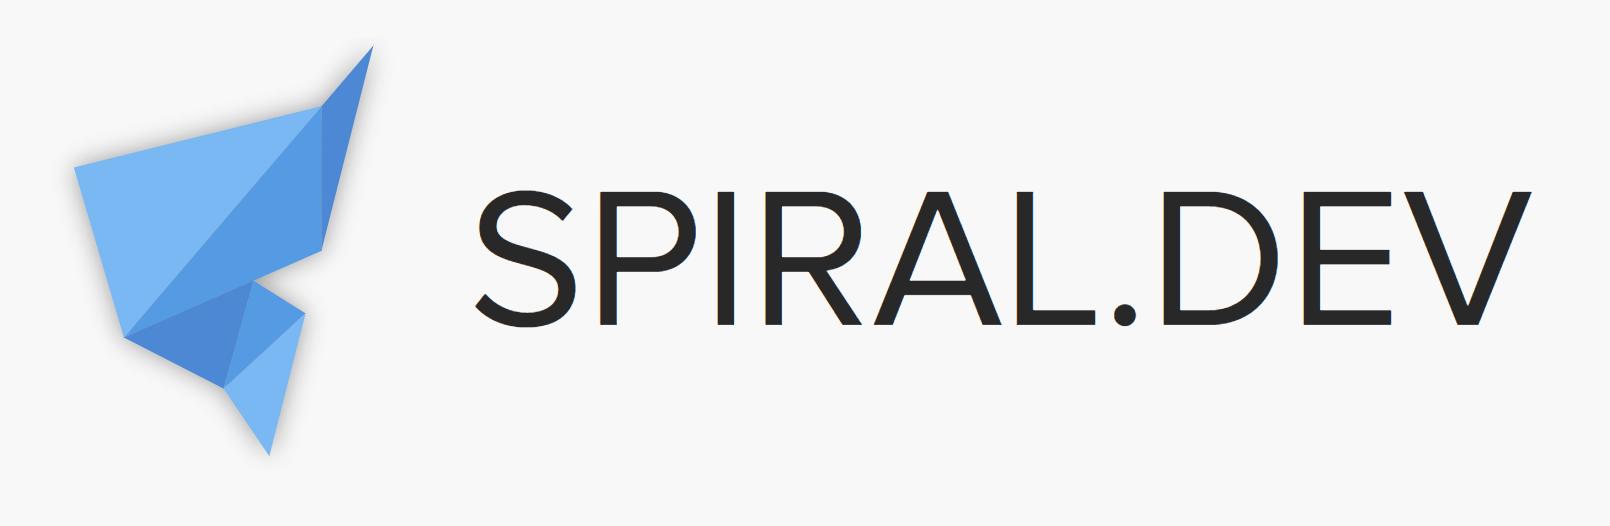 Spiral: высокопроизводительный PHP-Go фреймворк - 1